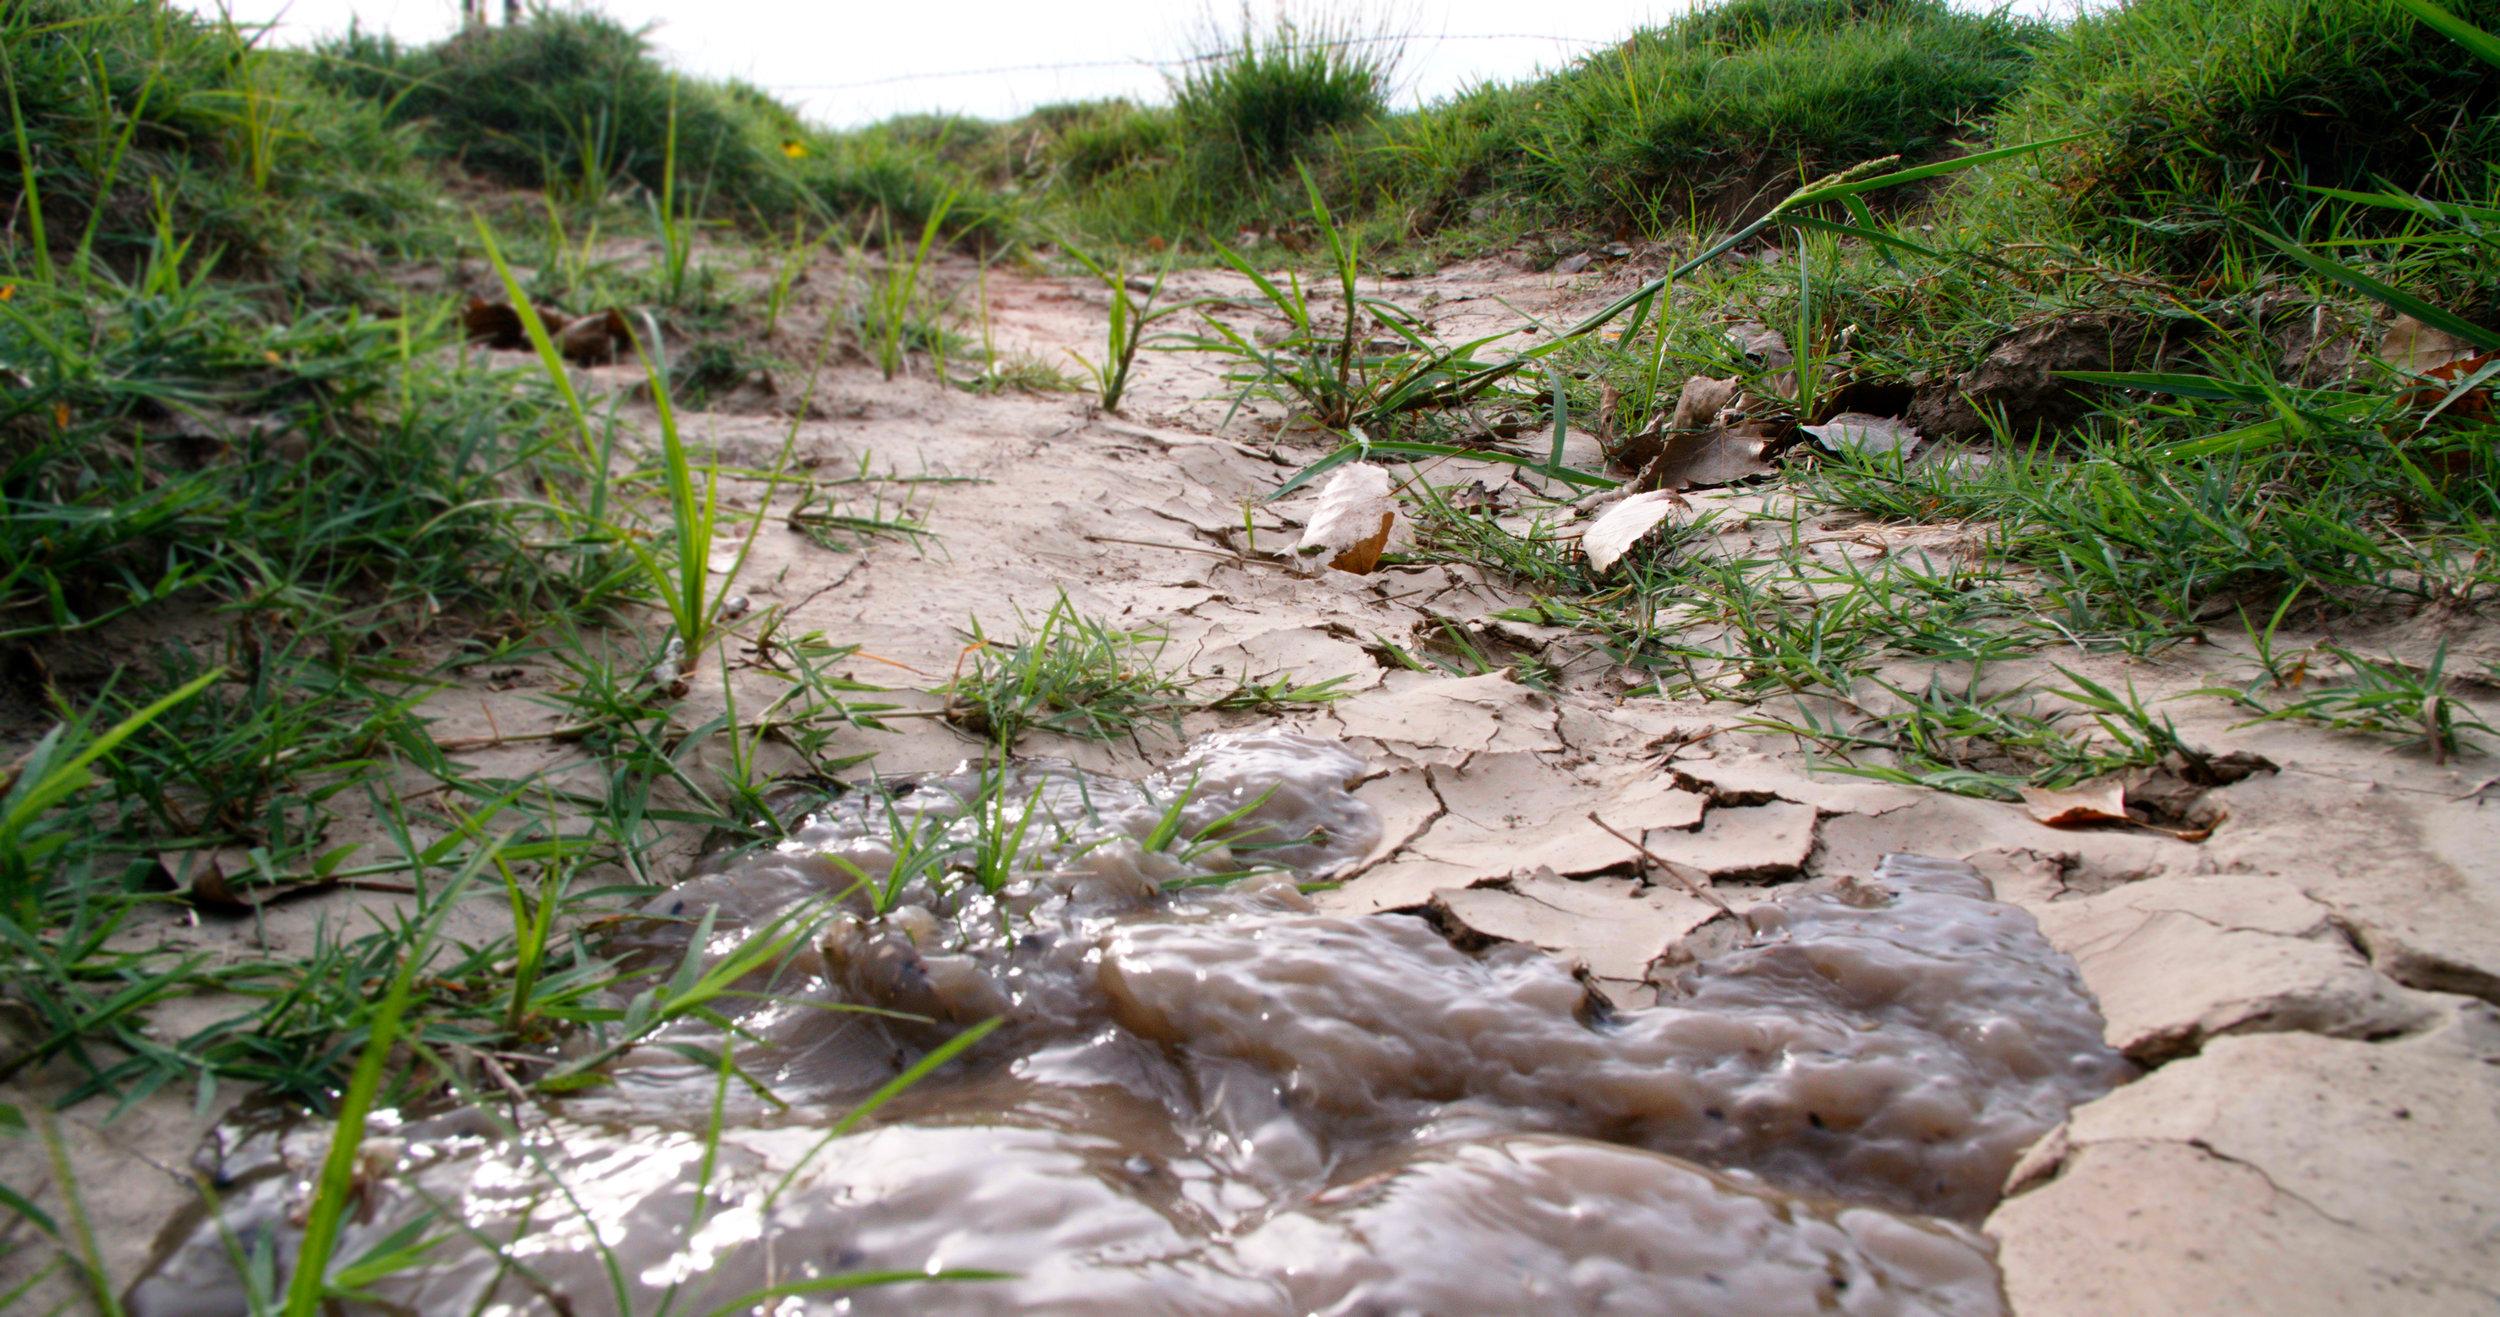 Irrigation Ditch © Blake Kimmel